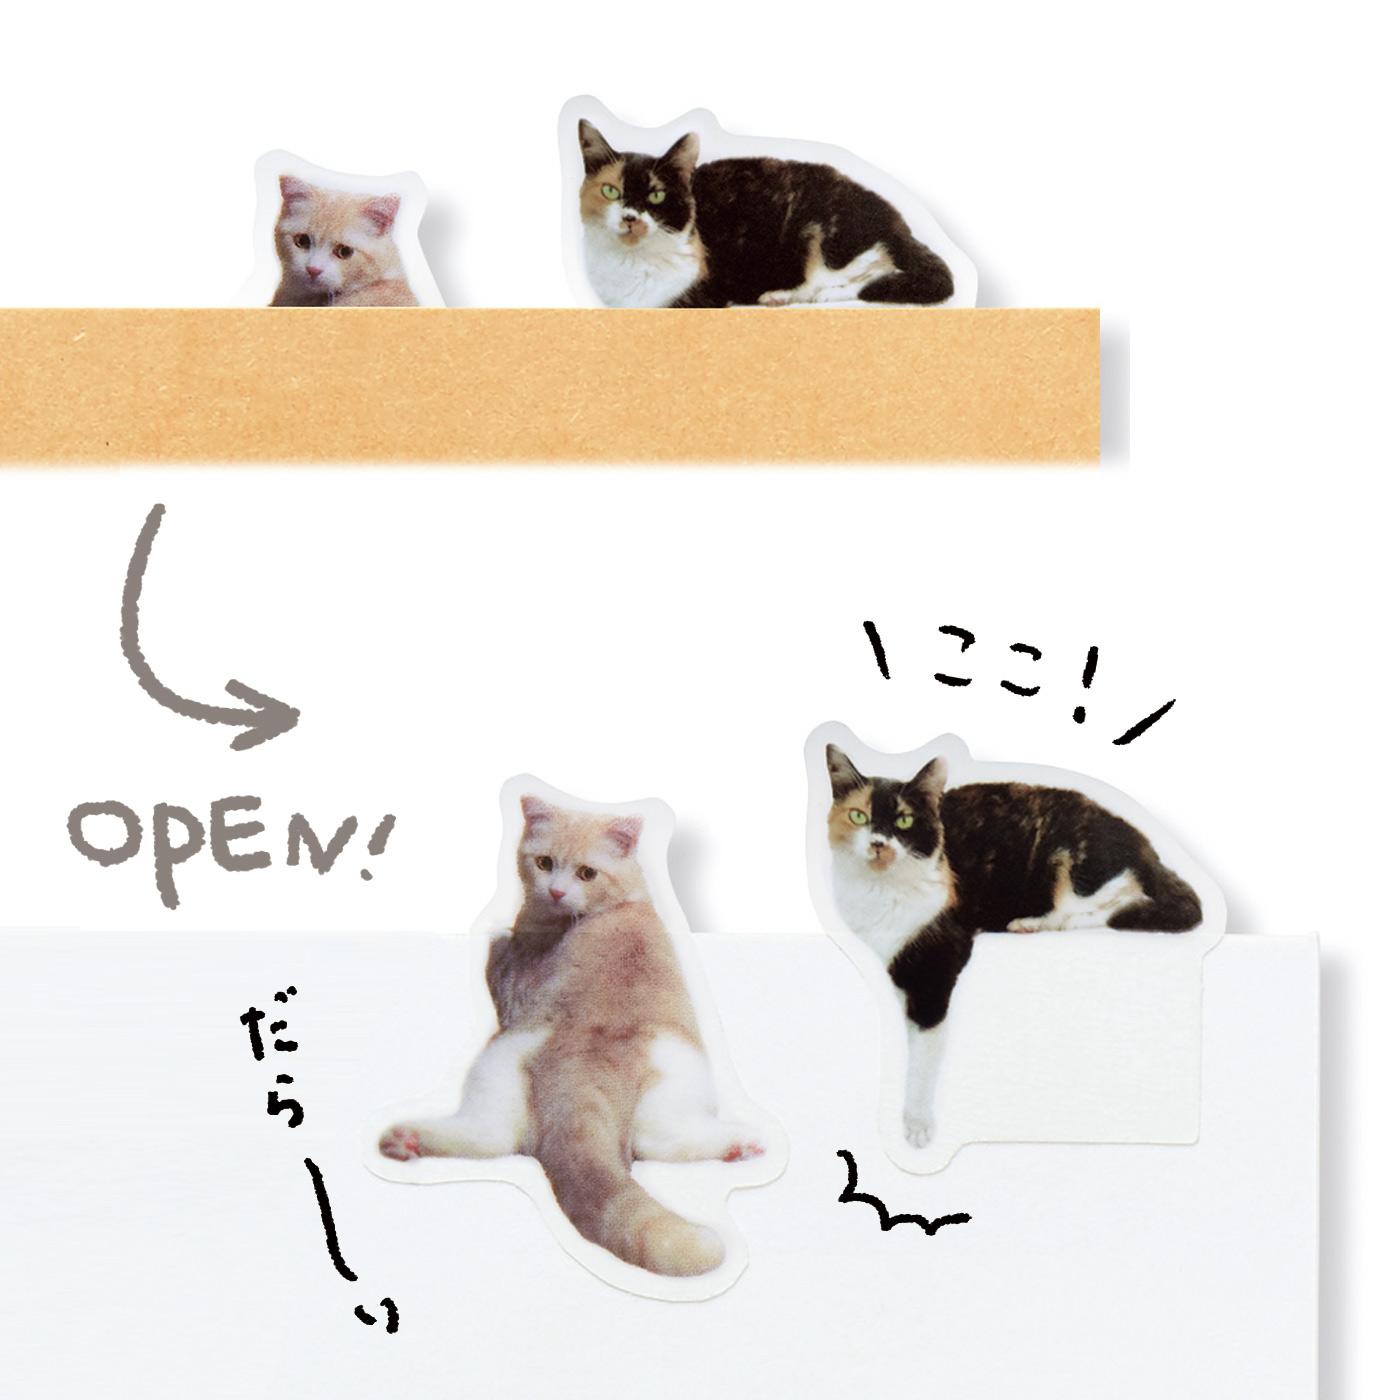 開けると……猫 キリッとこちらを見ていると思ったら、実はこんなことになっていた!